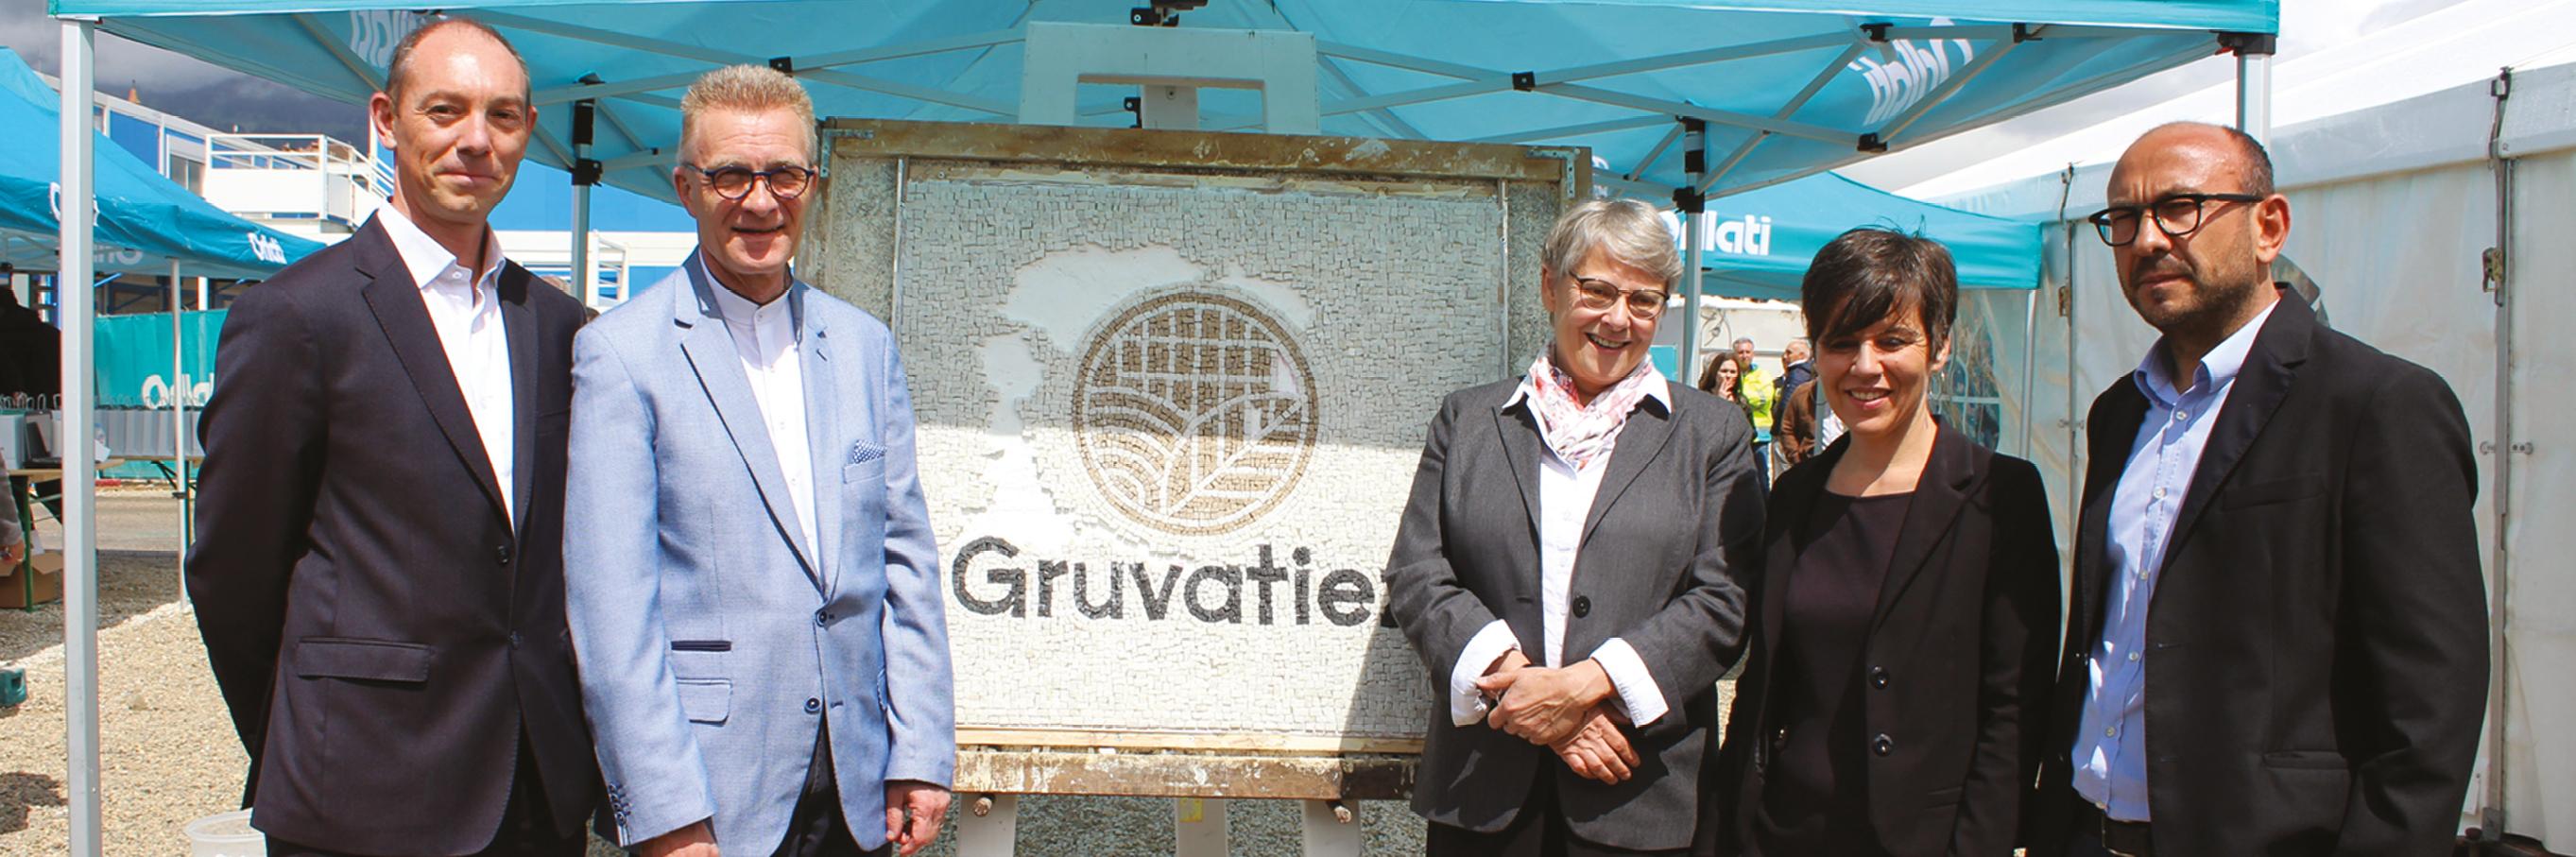 Gruvatiez : Une vision audacieuse de l'avenir